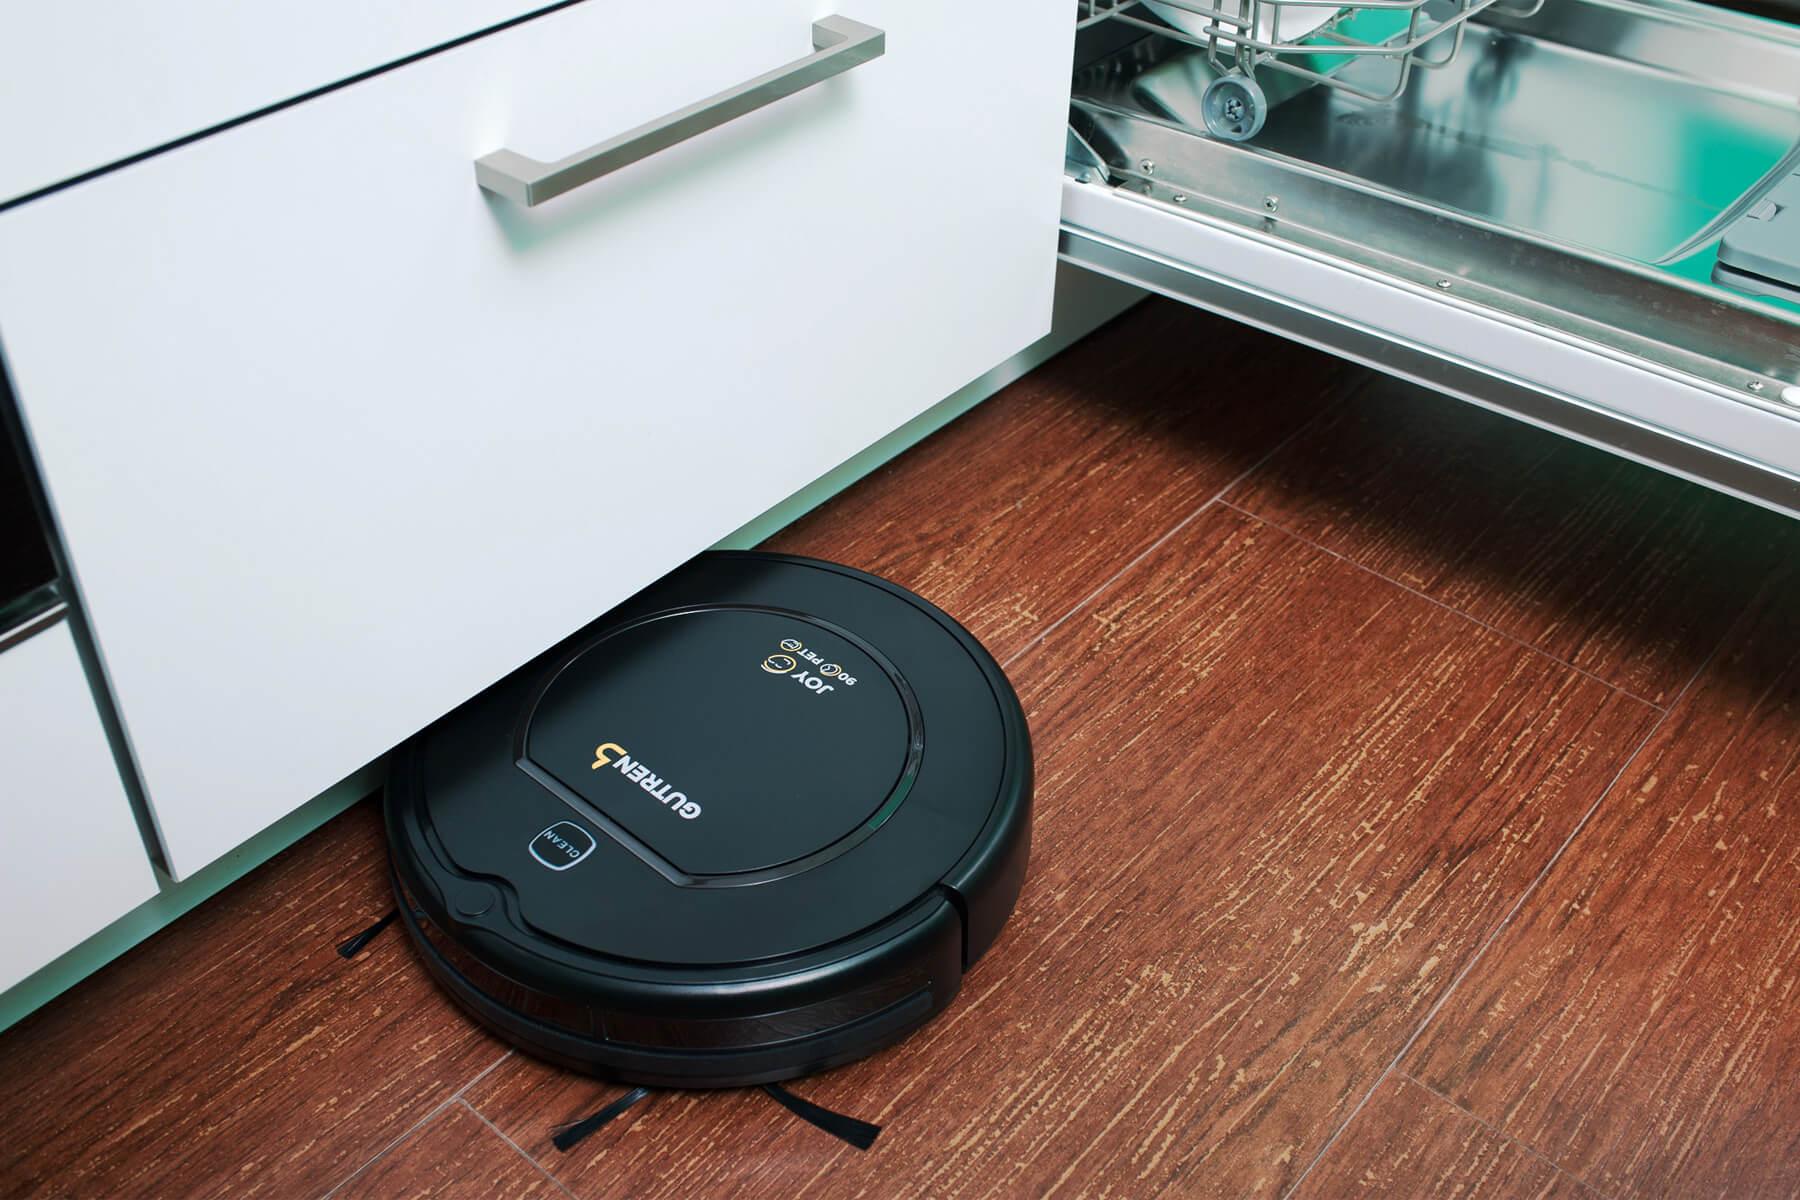 Как выбрать робот-пылесос. покупка робота-пылесоса: на что обратить внимание?